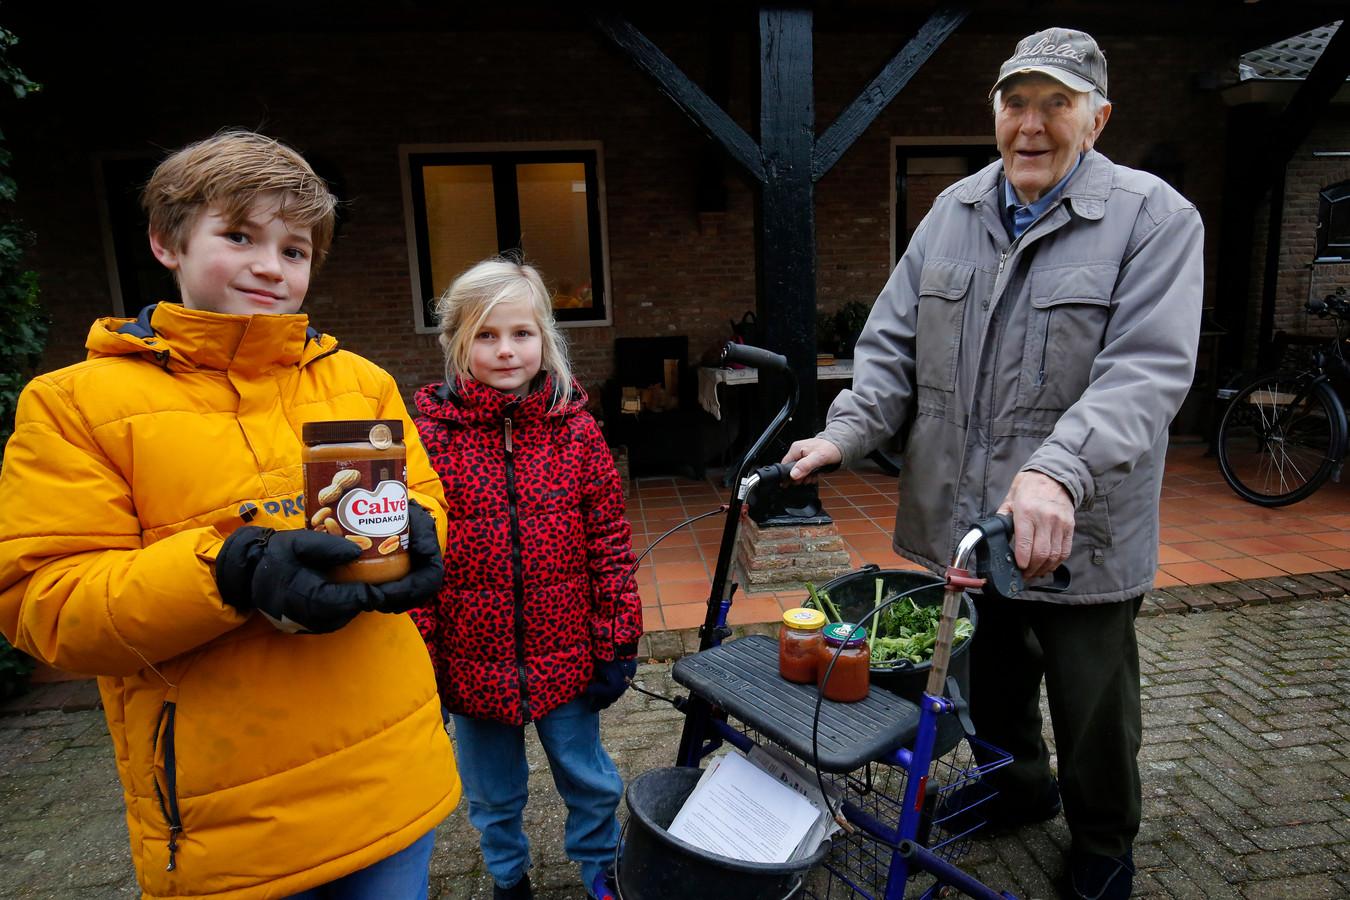 Geert van der Perk met potjes eigengemaakte aardbeienjam op de rollator, naast Noortje en Douwe van Ooijen met de grootste pot pindakaas die ze konden vinden.